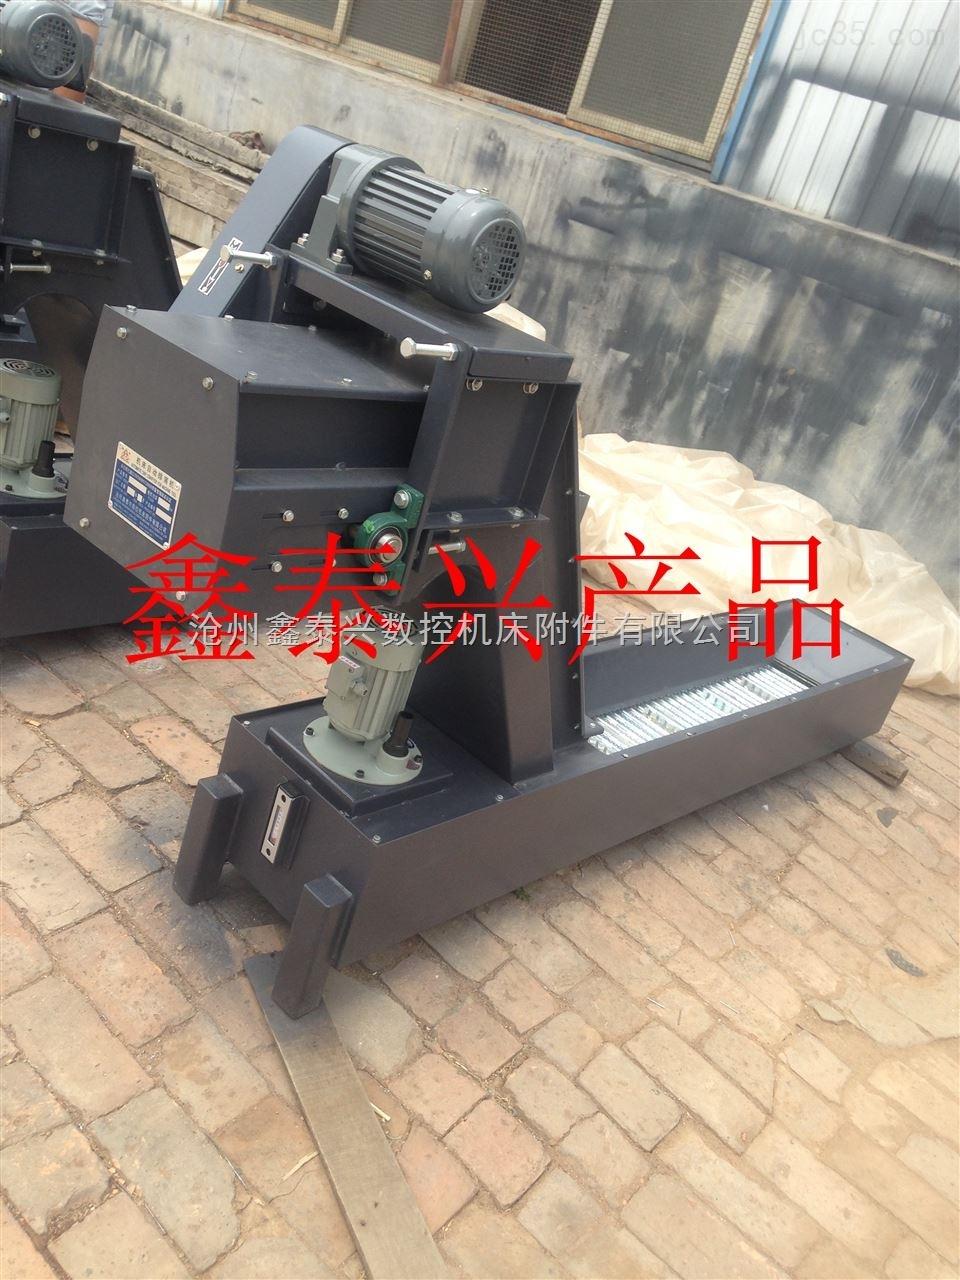 优质磁性排屑机生产质量